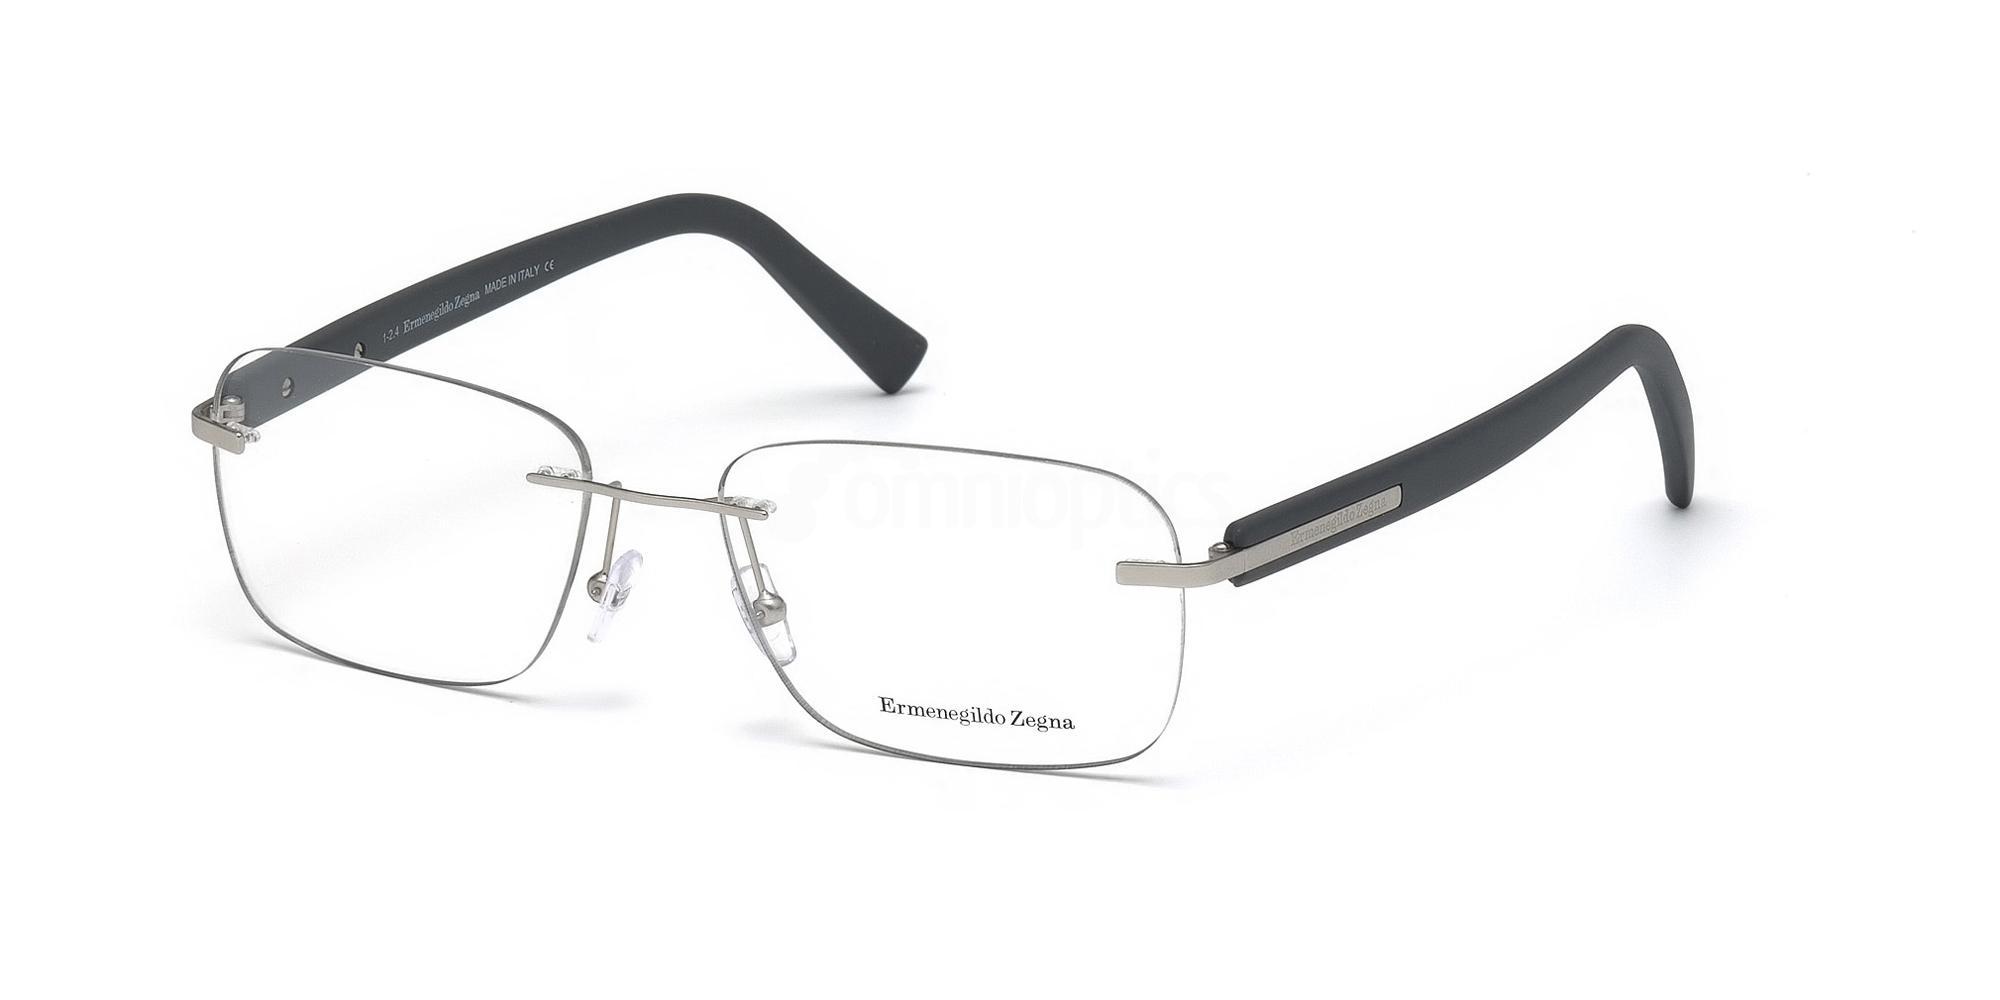 017 EZ5003 Glasses, Ermenegildo Zegna